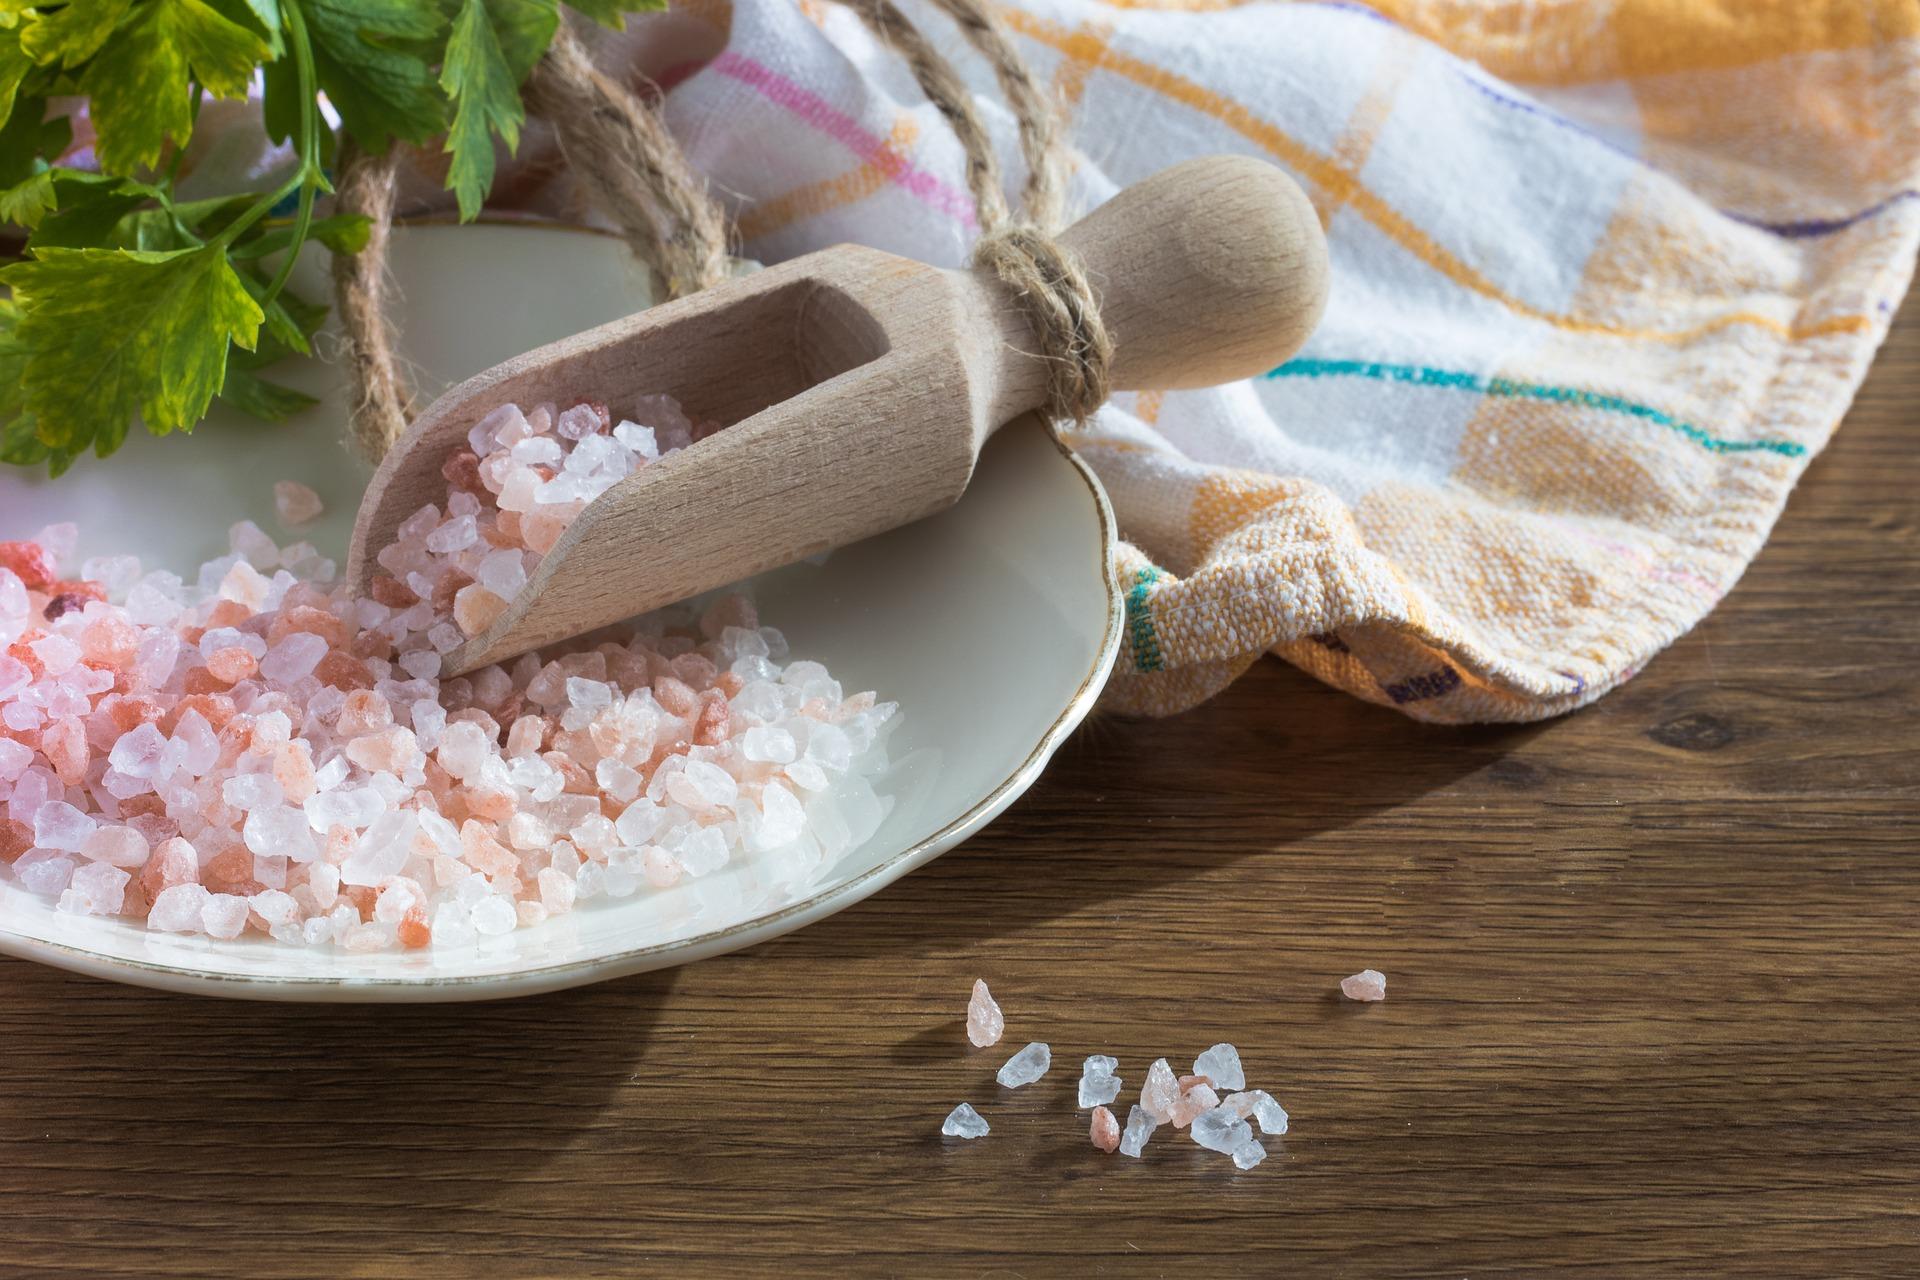 Соль для ванны: в чем польза для красоты и здоровья?